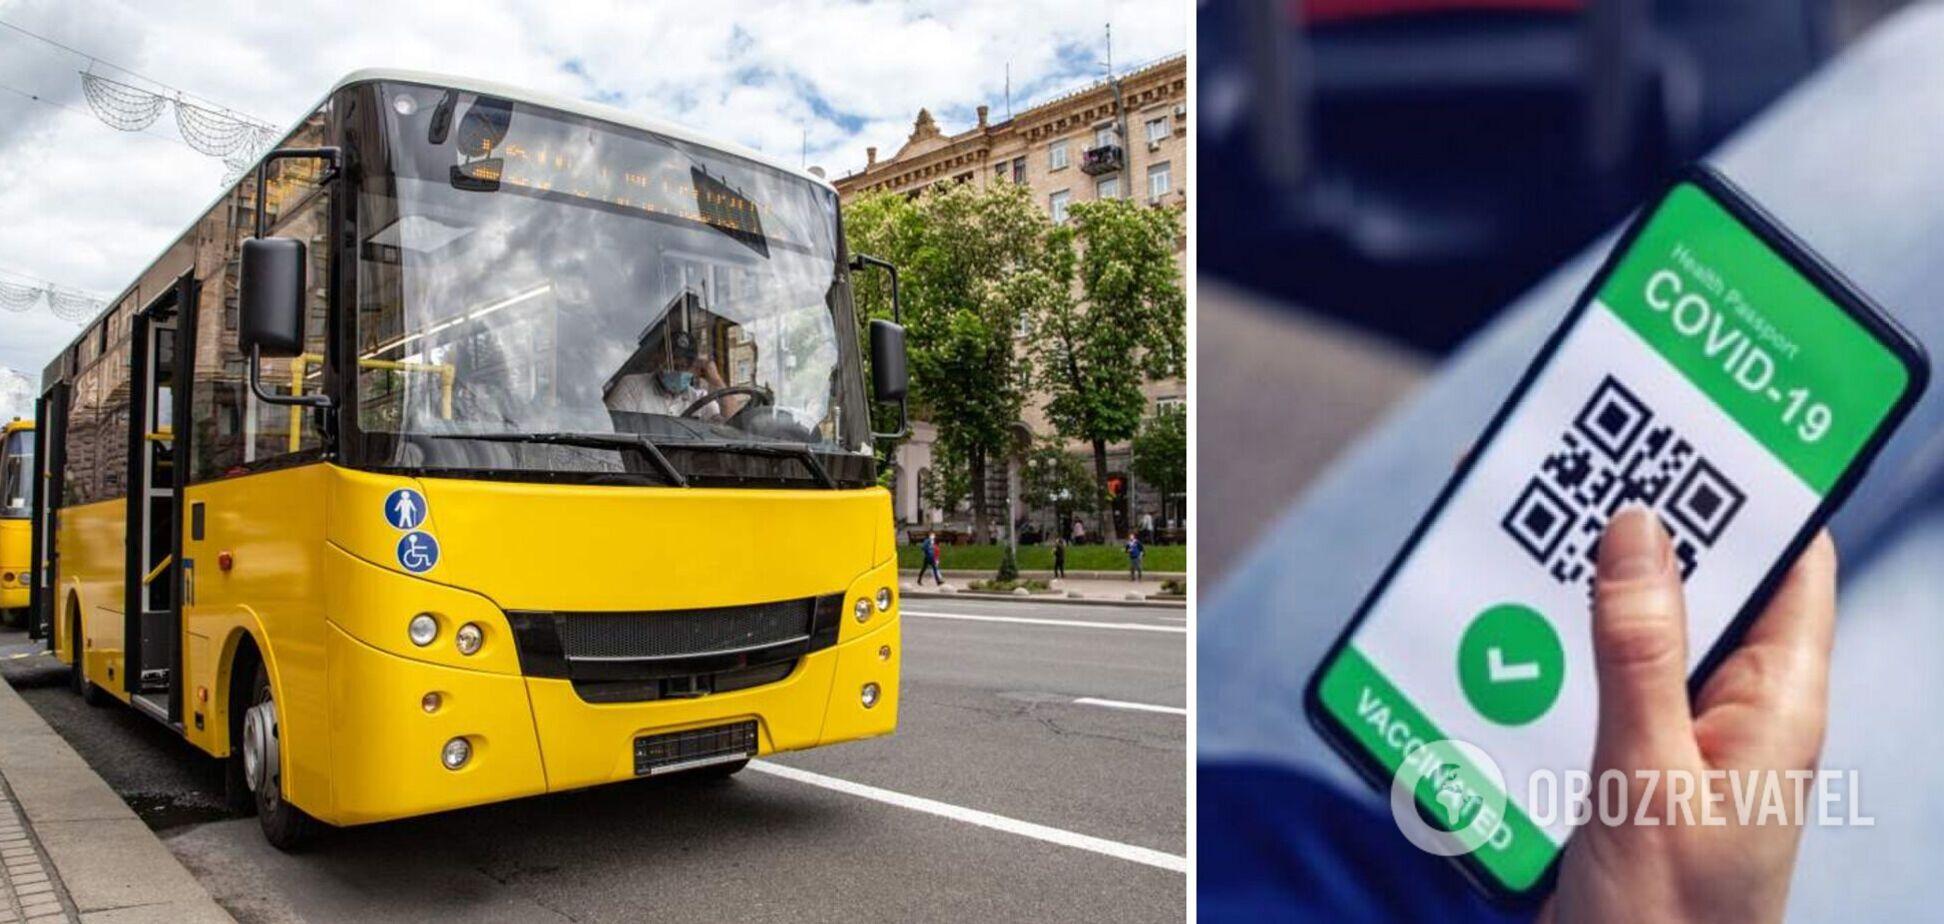 Українські перевізники збунтувалися через нові правила поїздок: із Києва не виїхали 40% рейсів. Відео